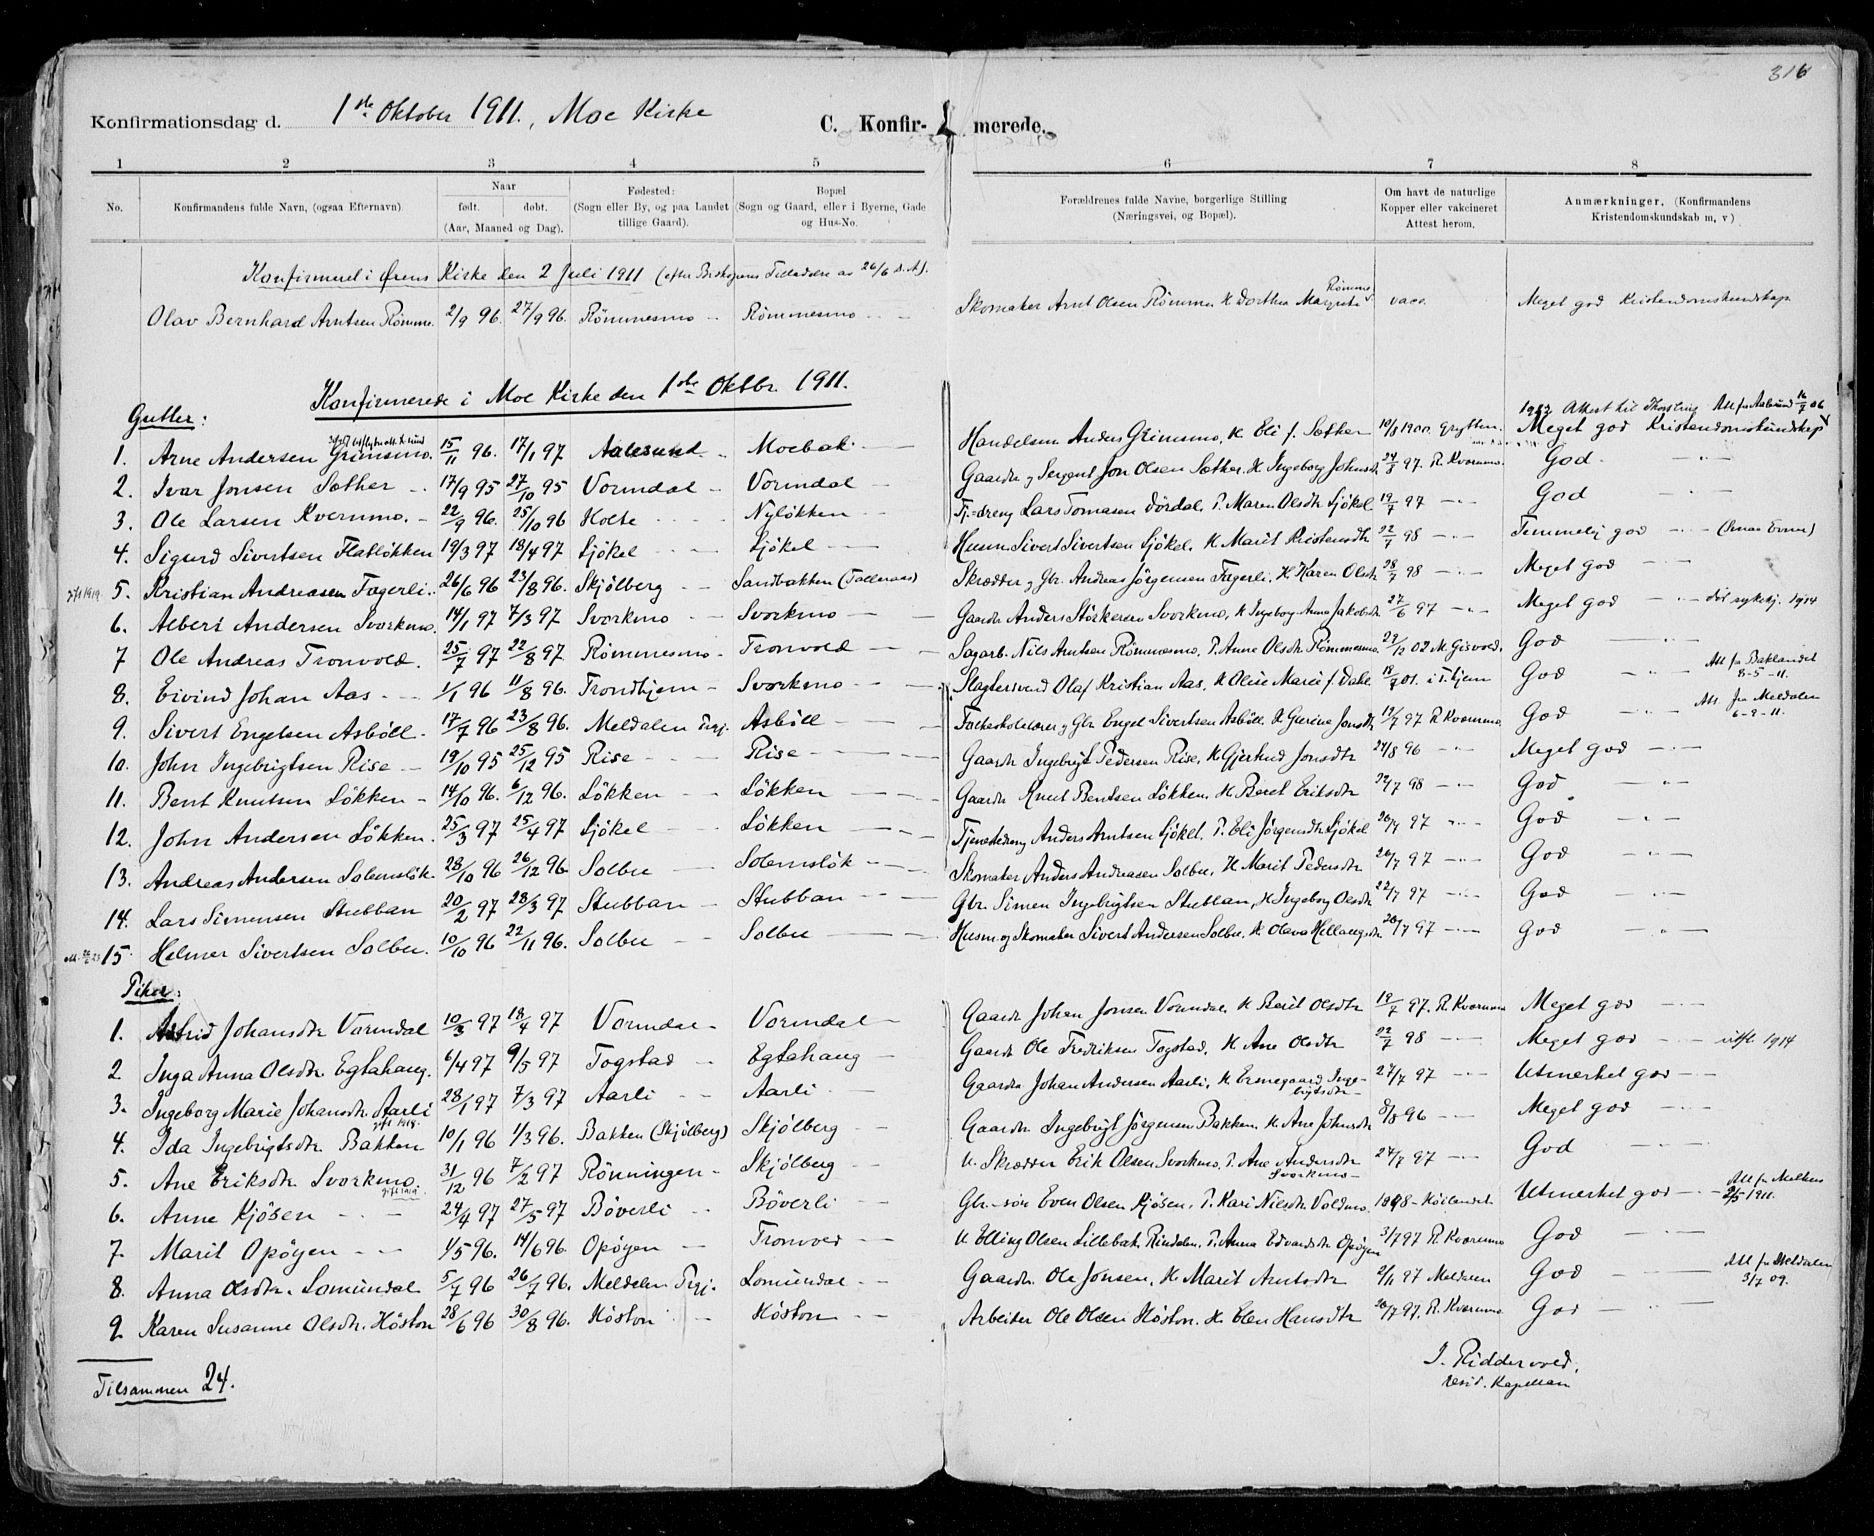 SAT, Ministerialprotokoller, klokkerbøker og fødselsregistre - Sør-Trøndelag, 668/L0811: Ministerialbok nr. 668A11, 1894-1913, s. 316